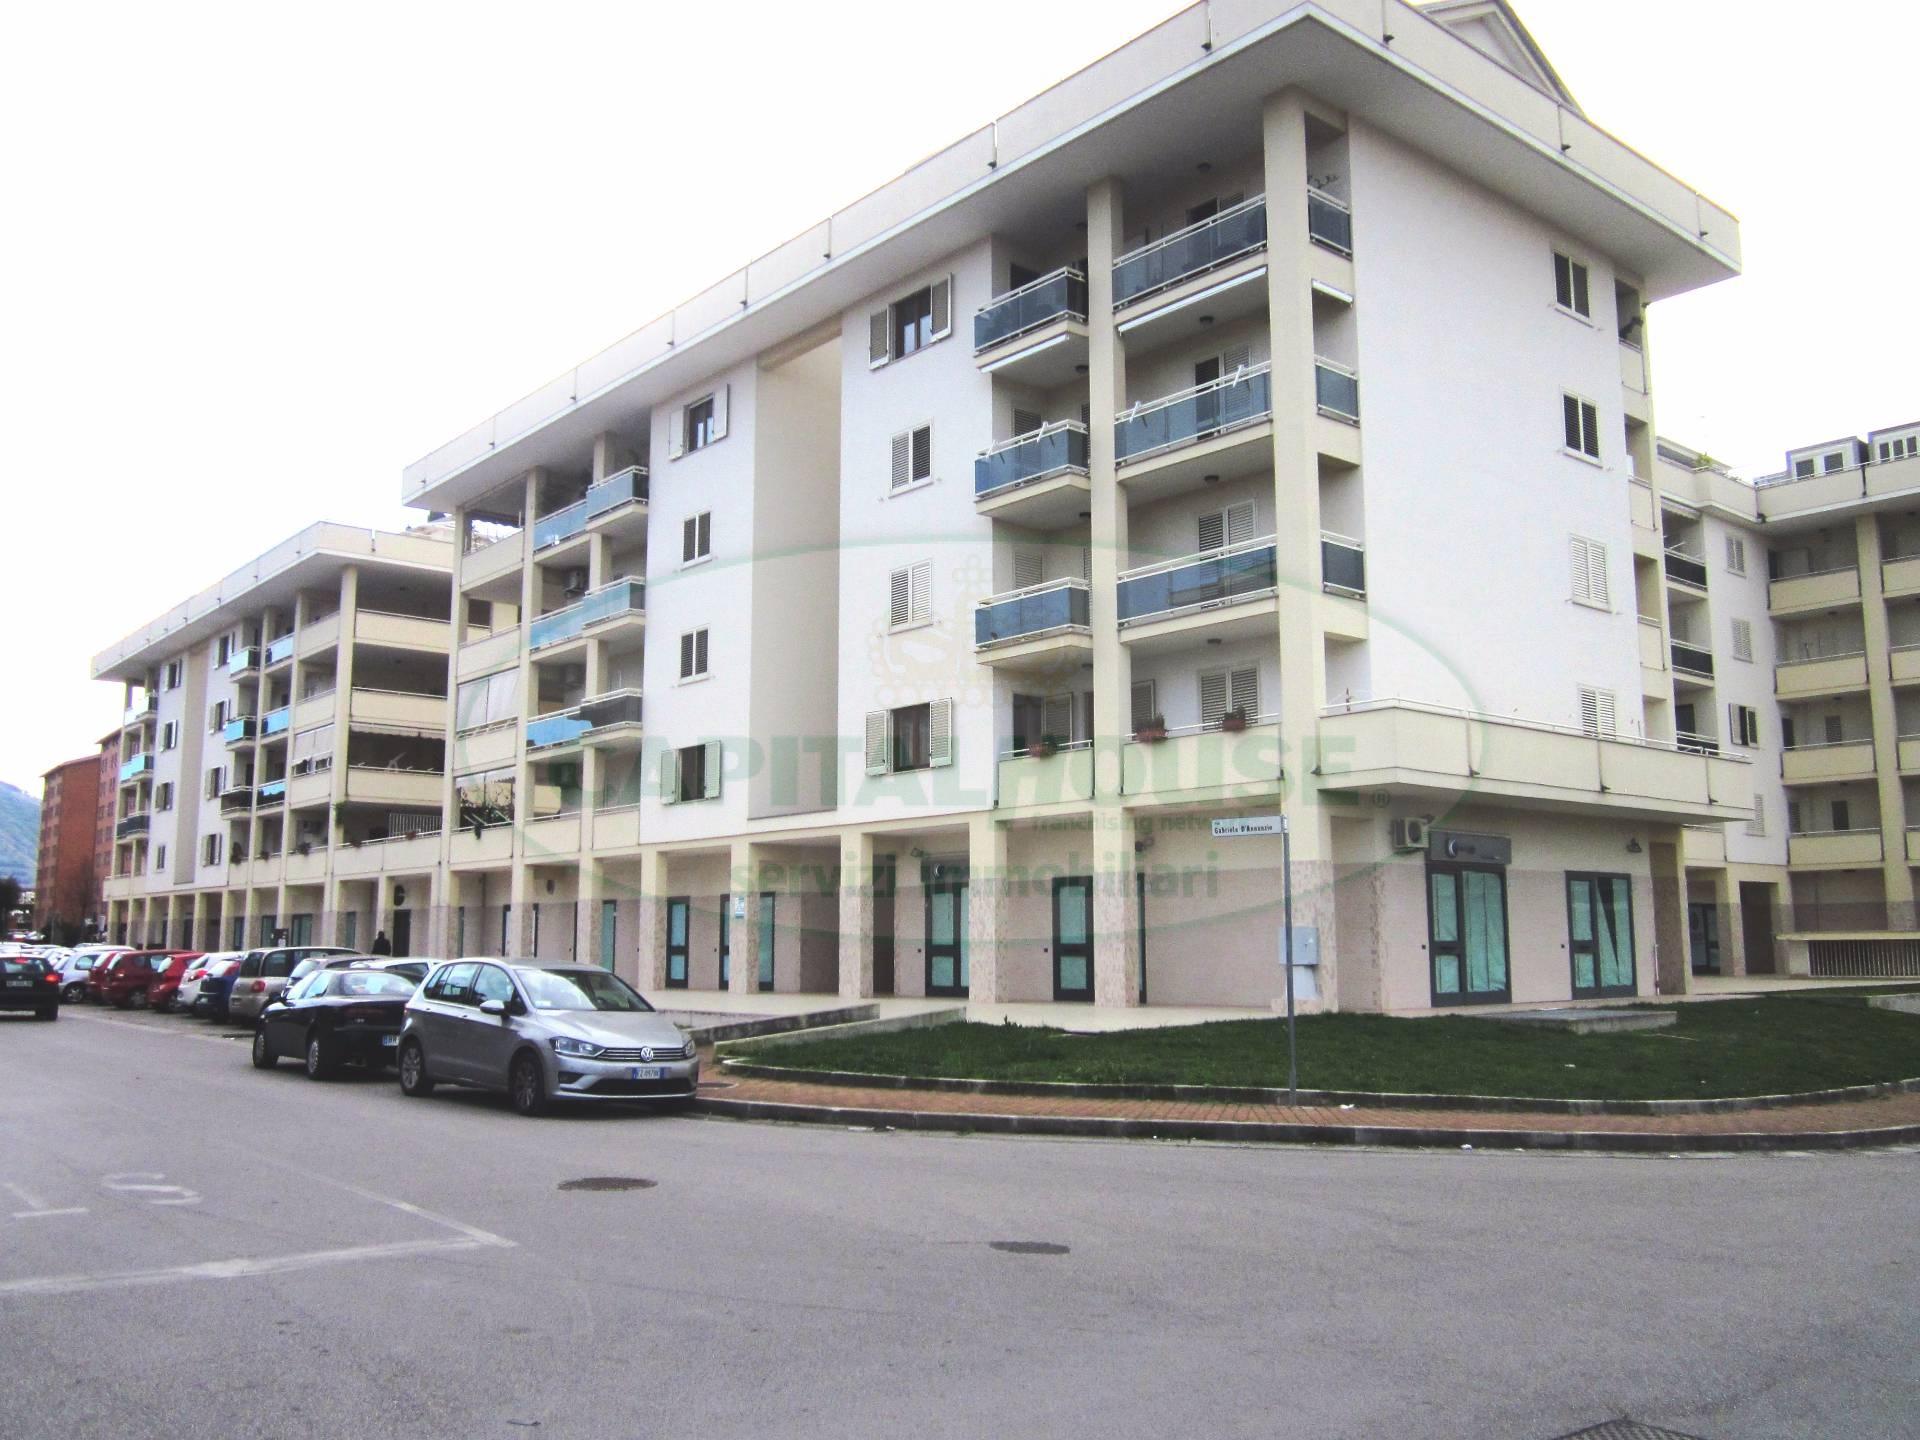 Appartamento in vendita a San Nicola la Strada, 4 locali, zona Località: ExS.Gobain, prezzo € 235.000 | Cambio Casa.it